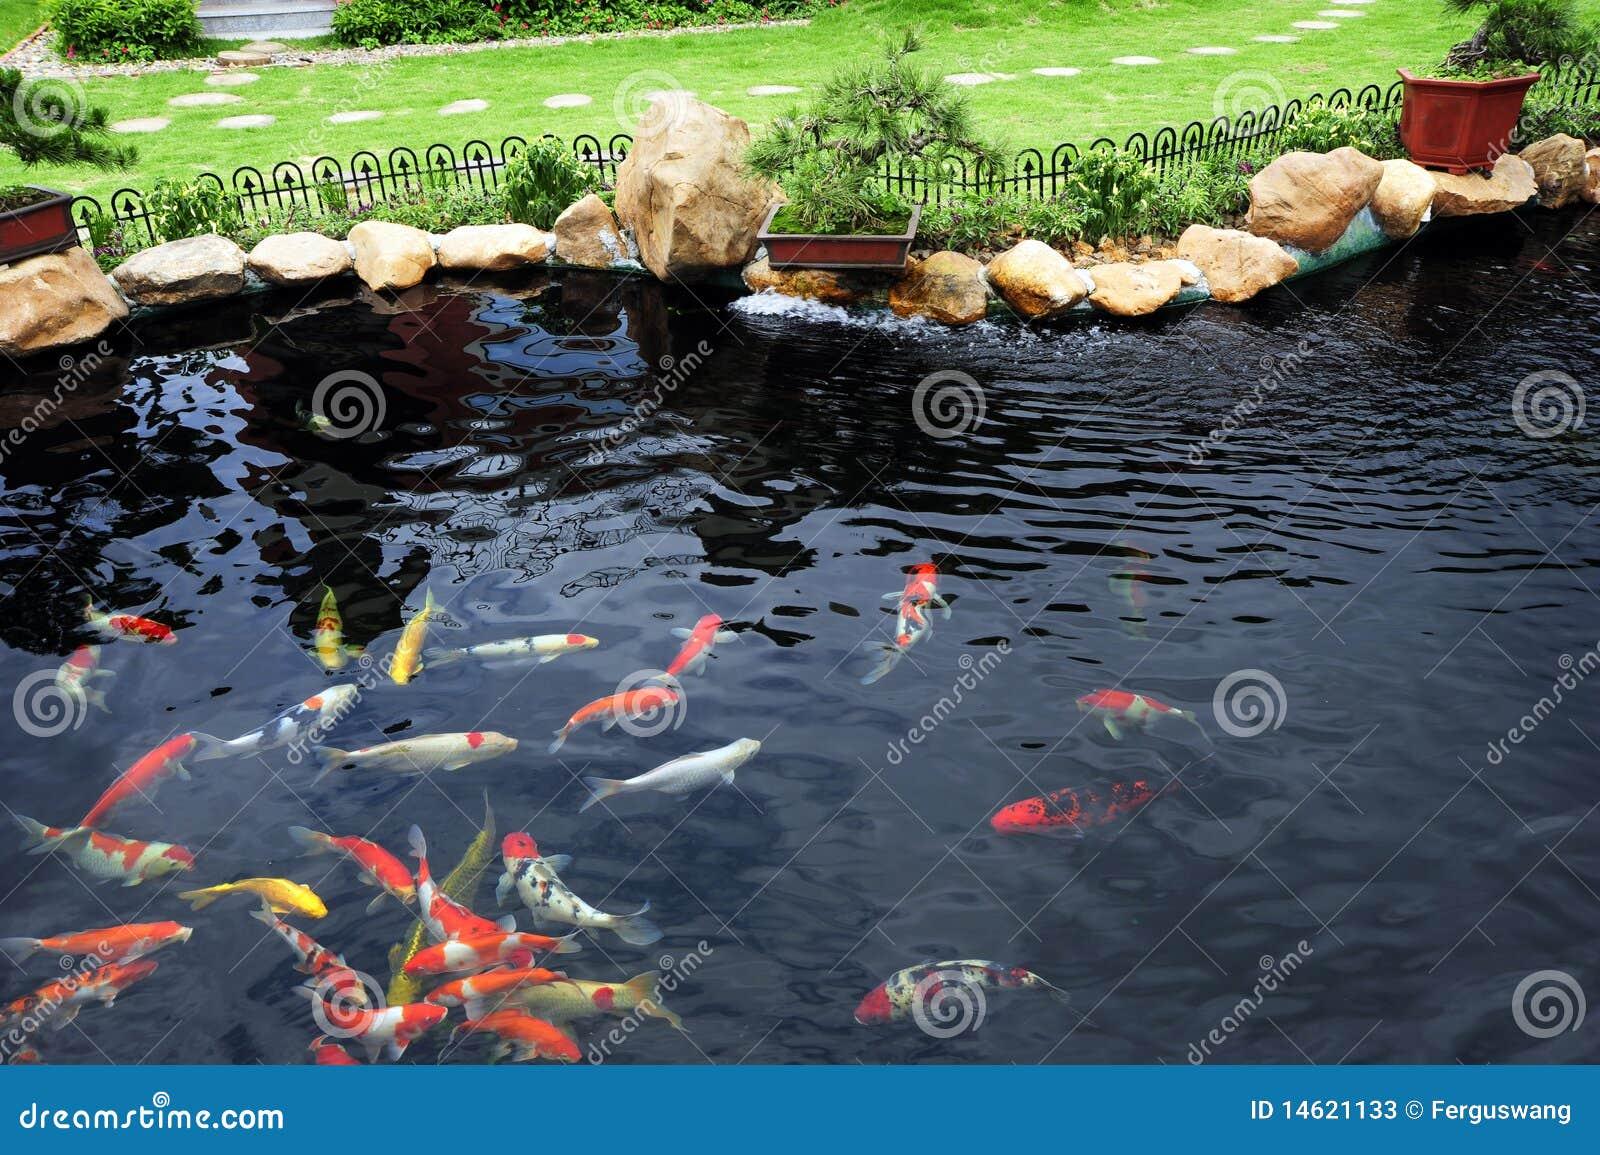 Un étang de poissons dans le jardin